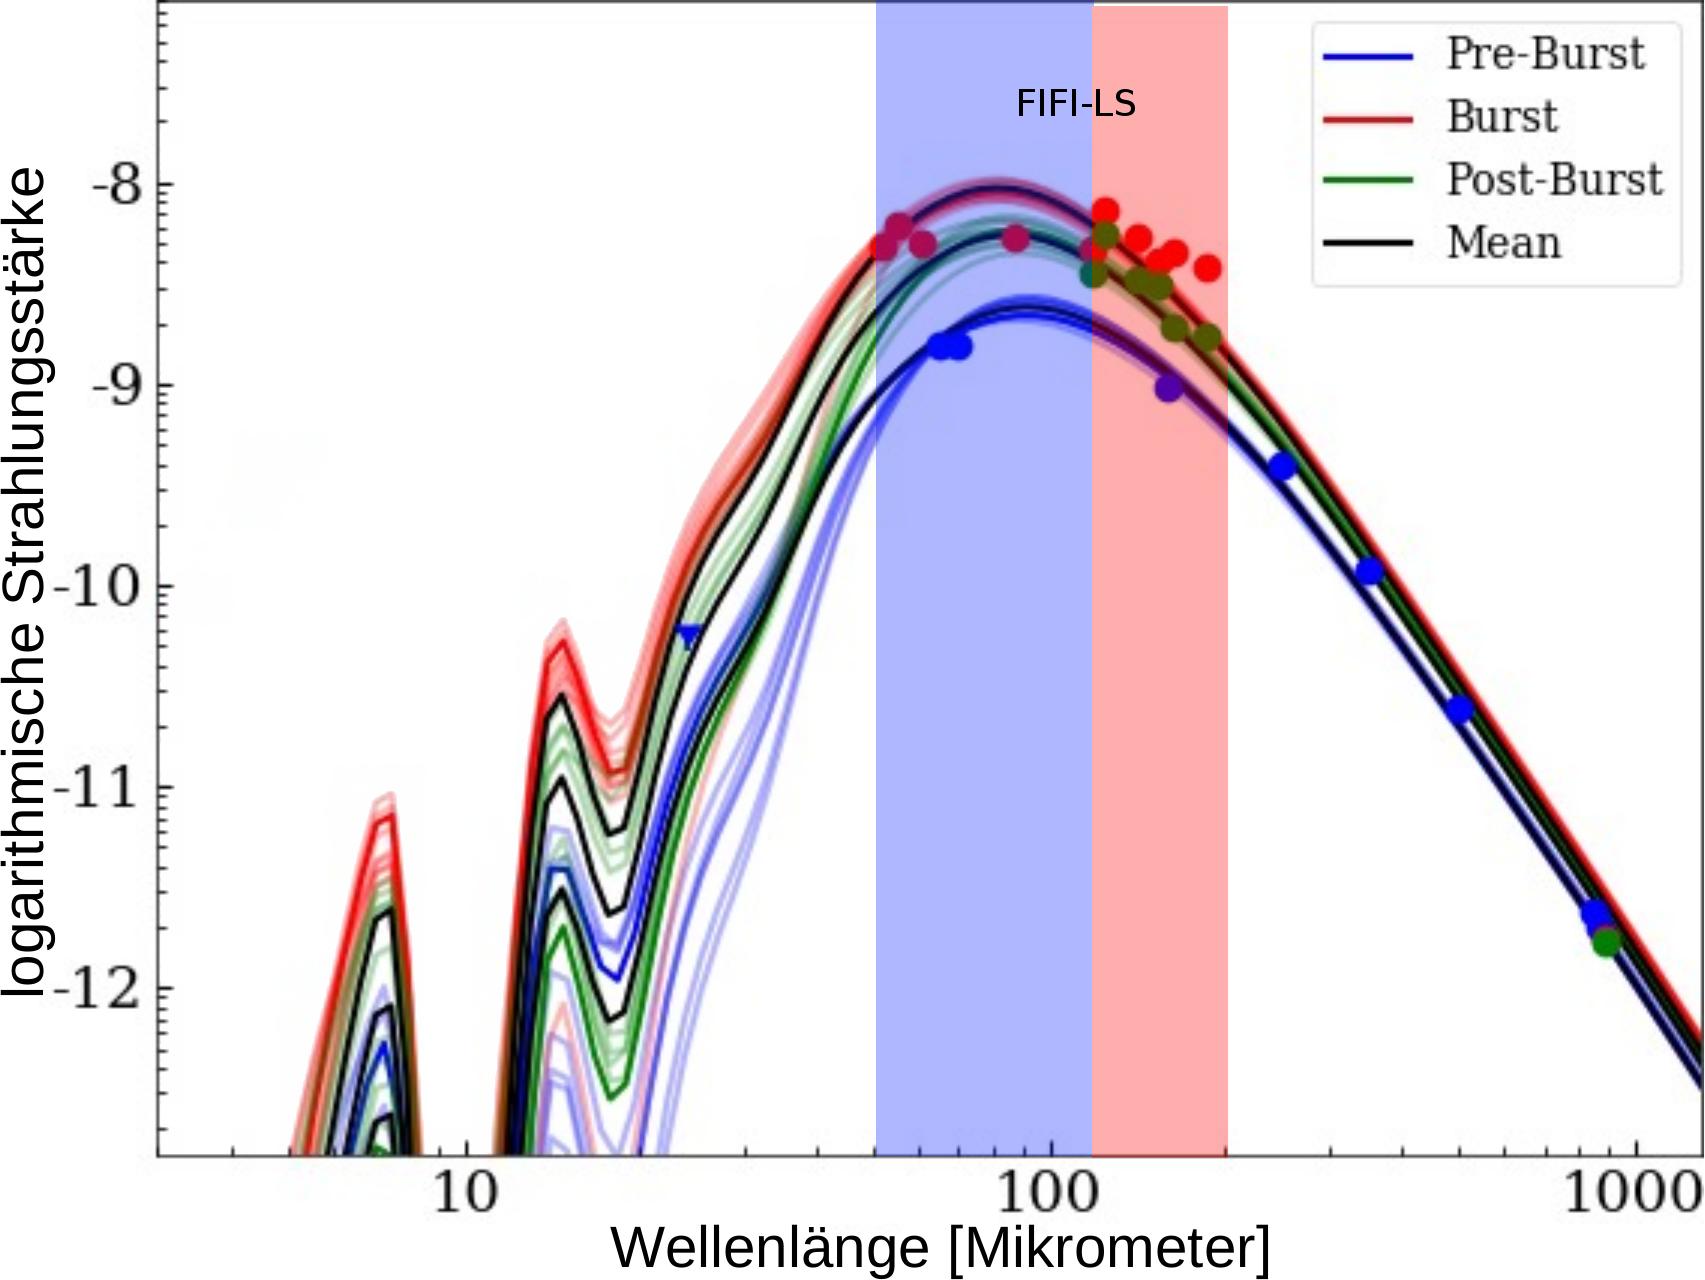 Helligkeitsverlauf von G358 vor während und nach dem Ausbruch.